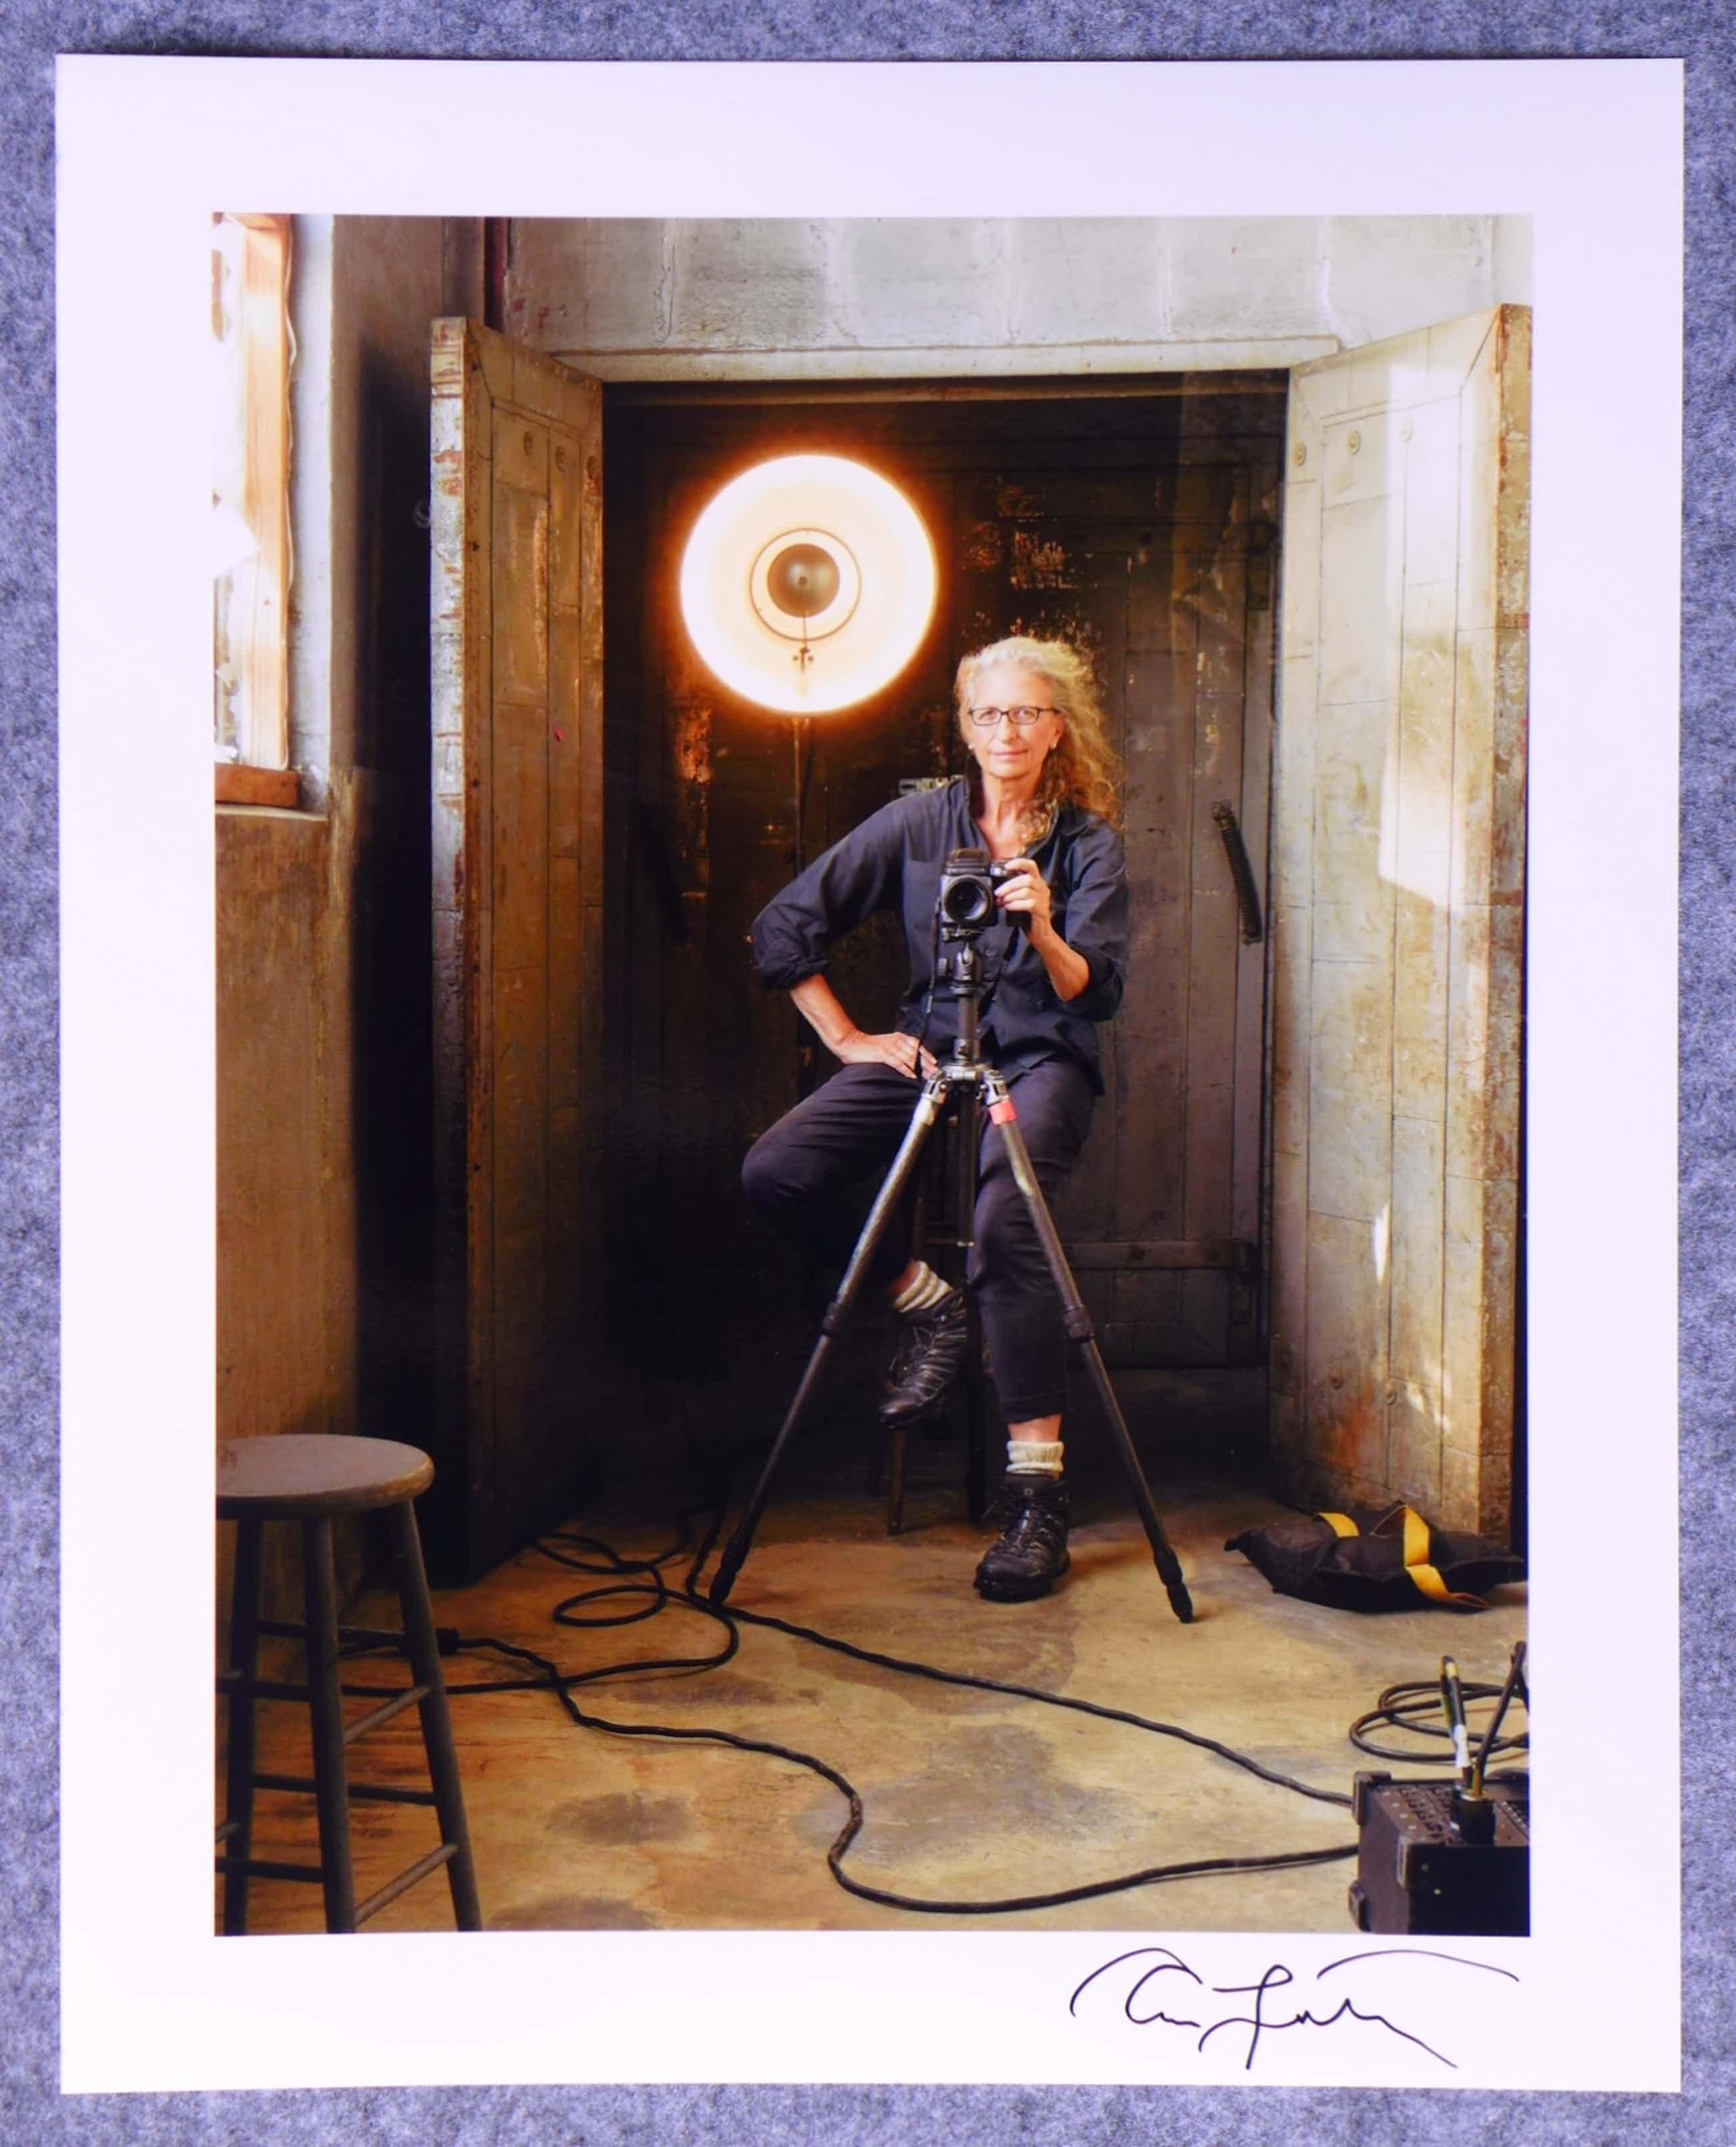 Annie Leibovitz - Autogramm auf Fotografie Selbsportrait kopen? Bied vanaf 49!